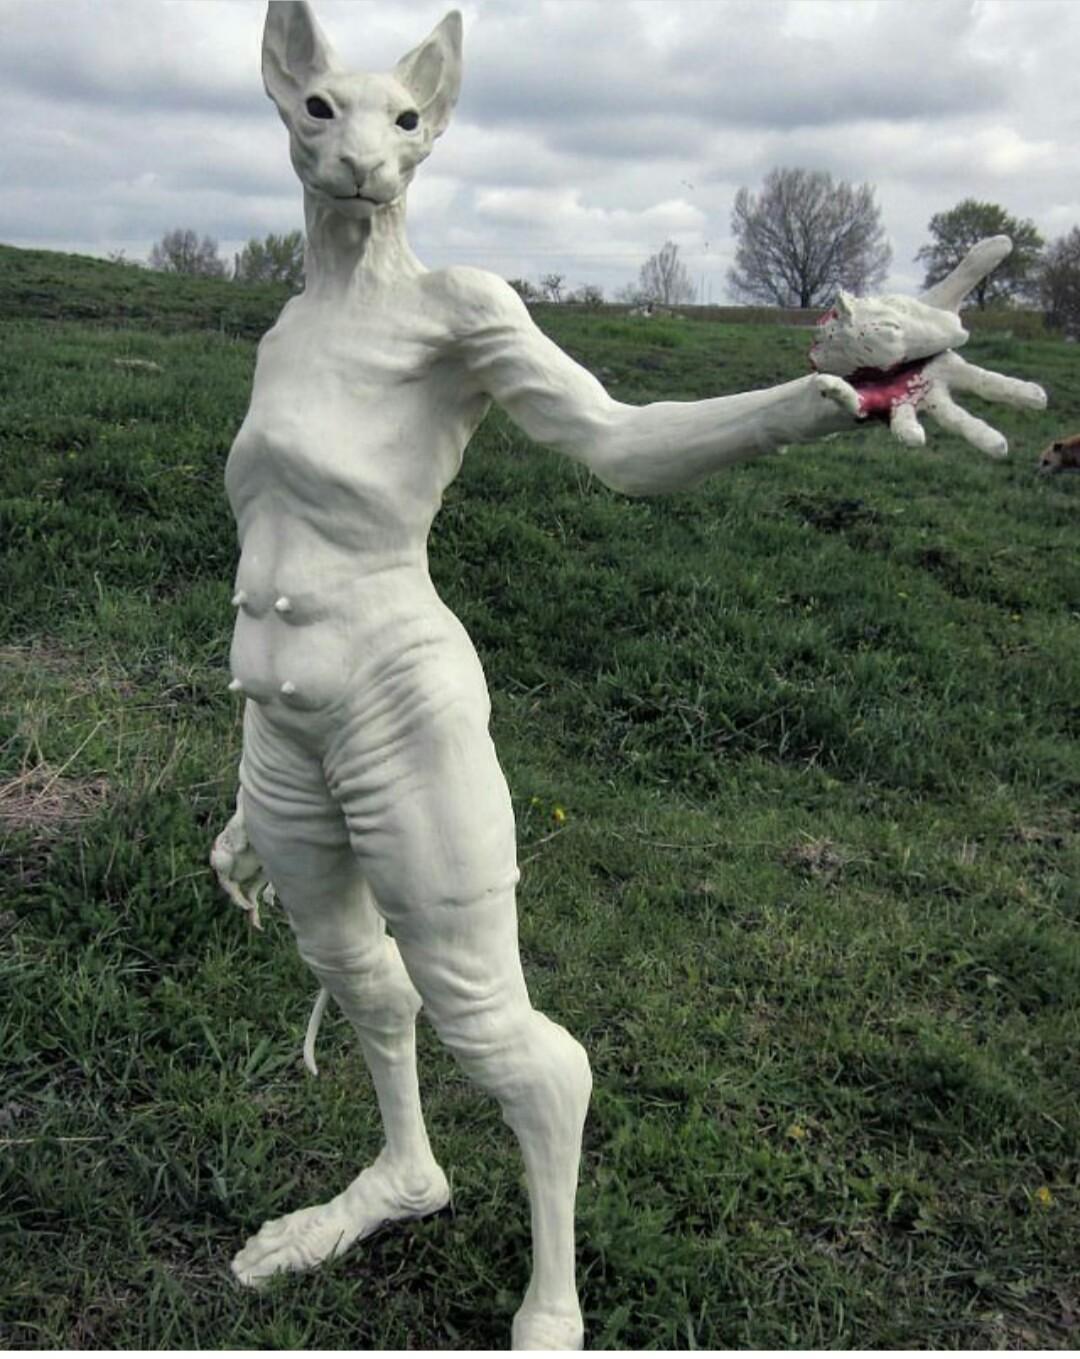 Pic beerus statue